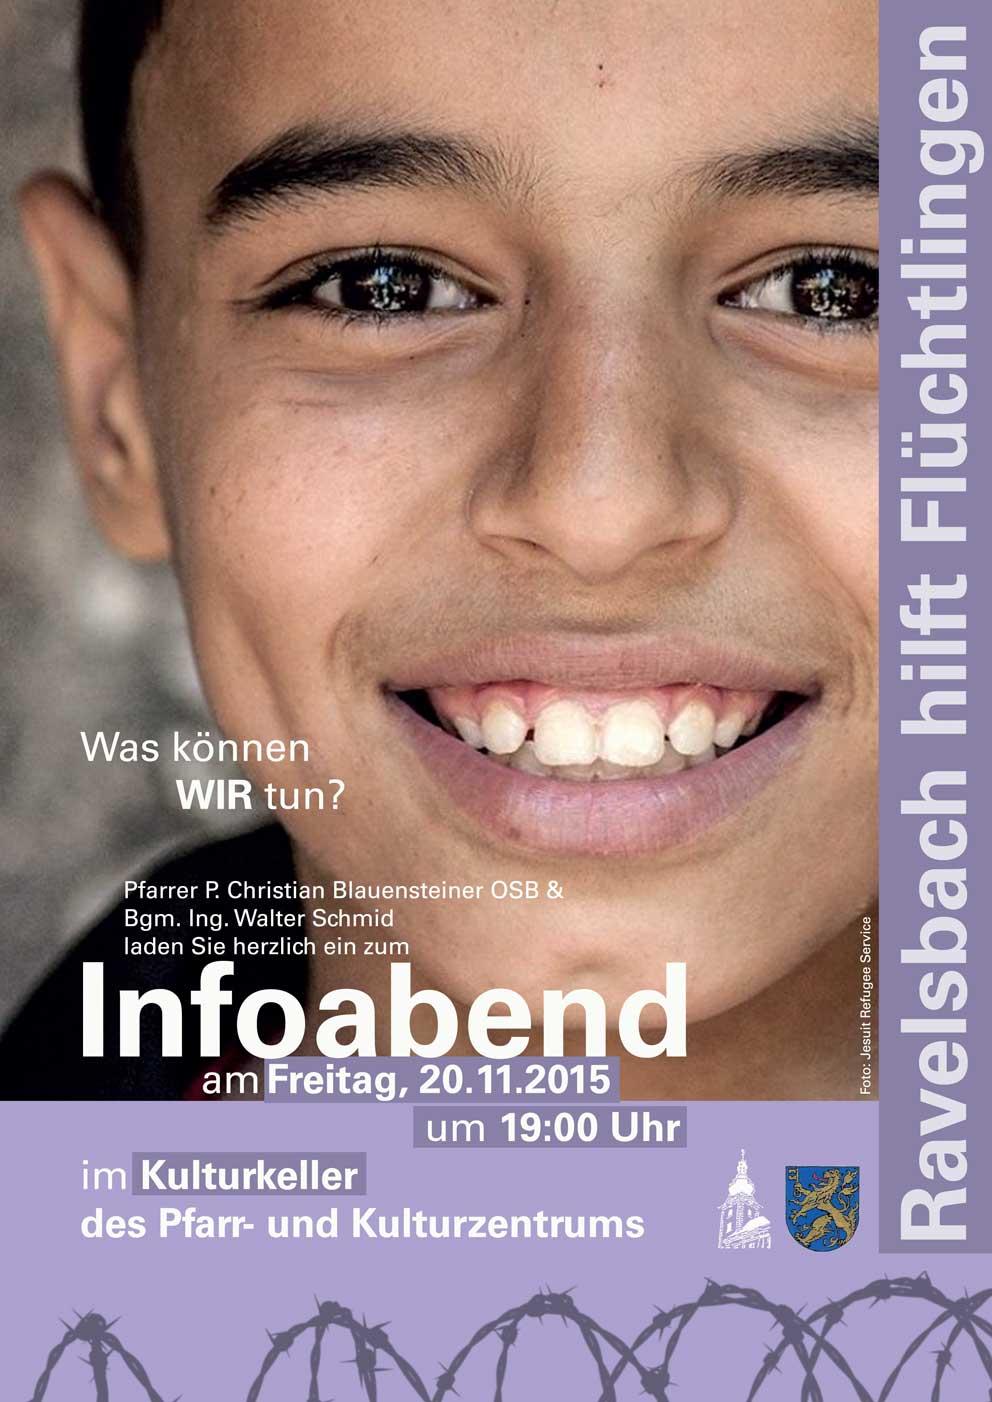 Web-Flyer1